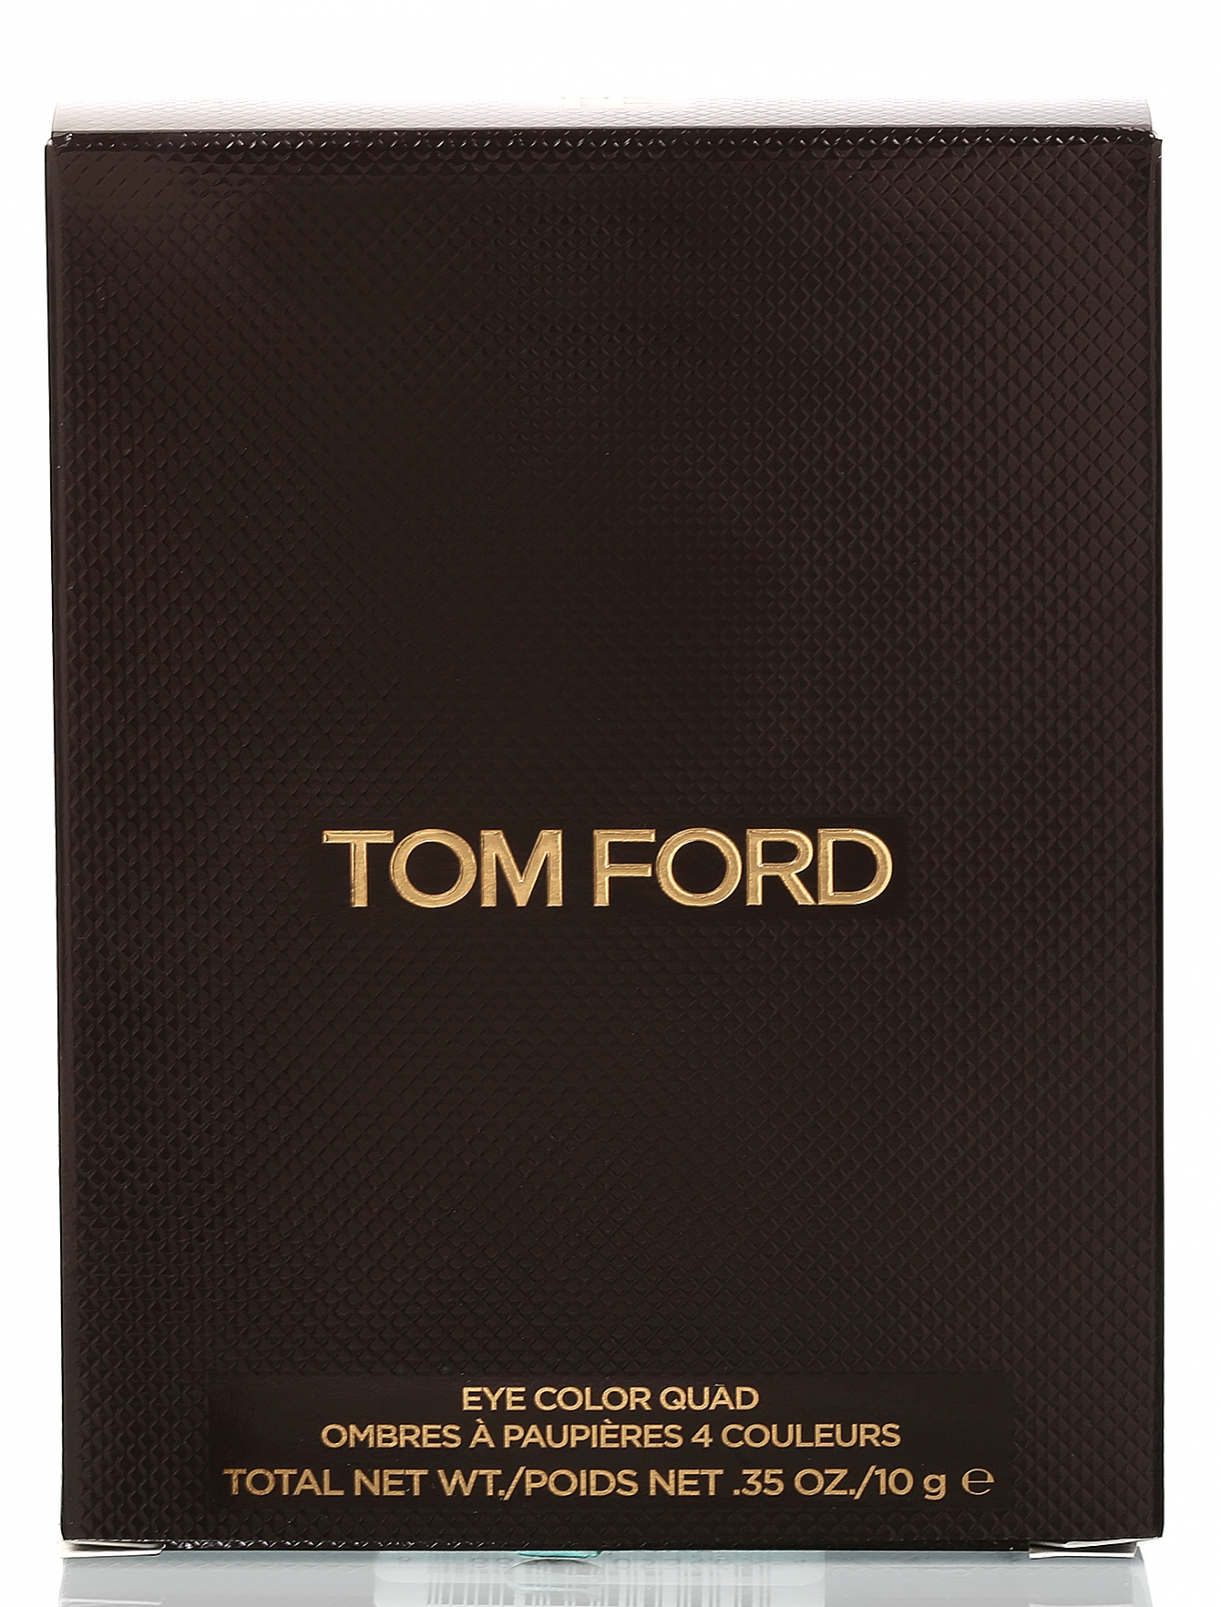 Четырехцветные тени - Disco dust, Makeup Tom Ford  –  Модель Общий вид